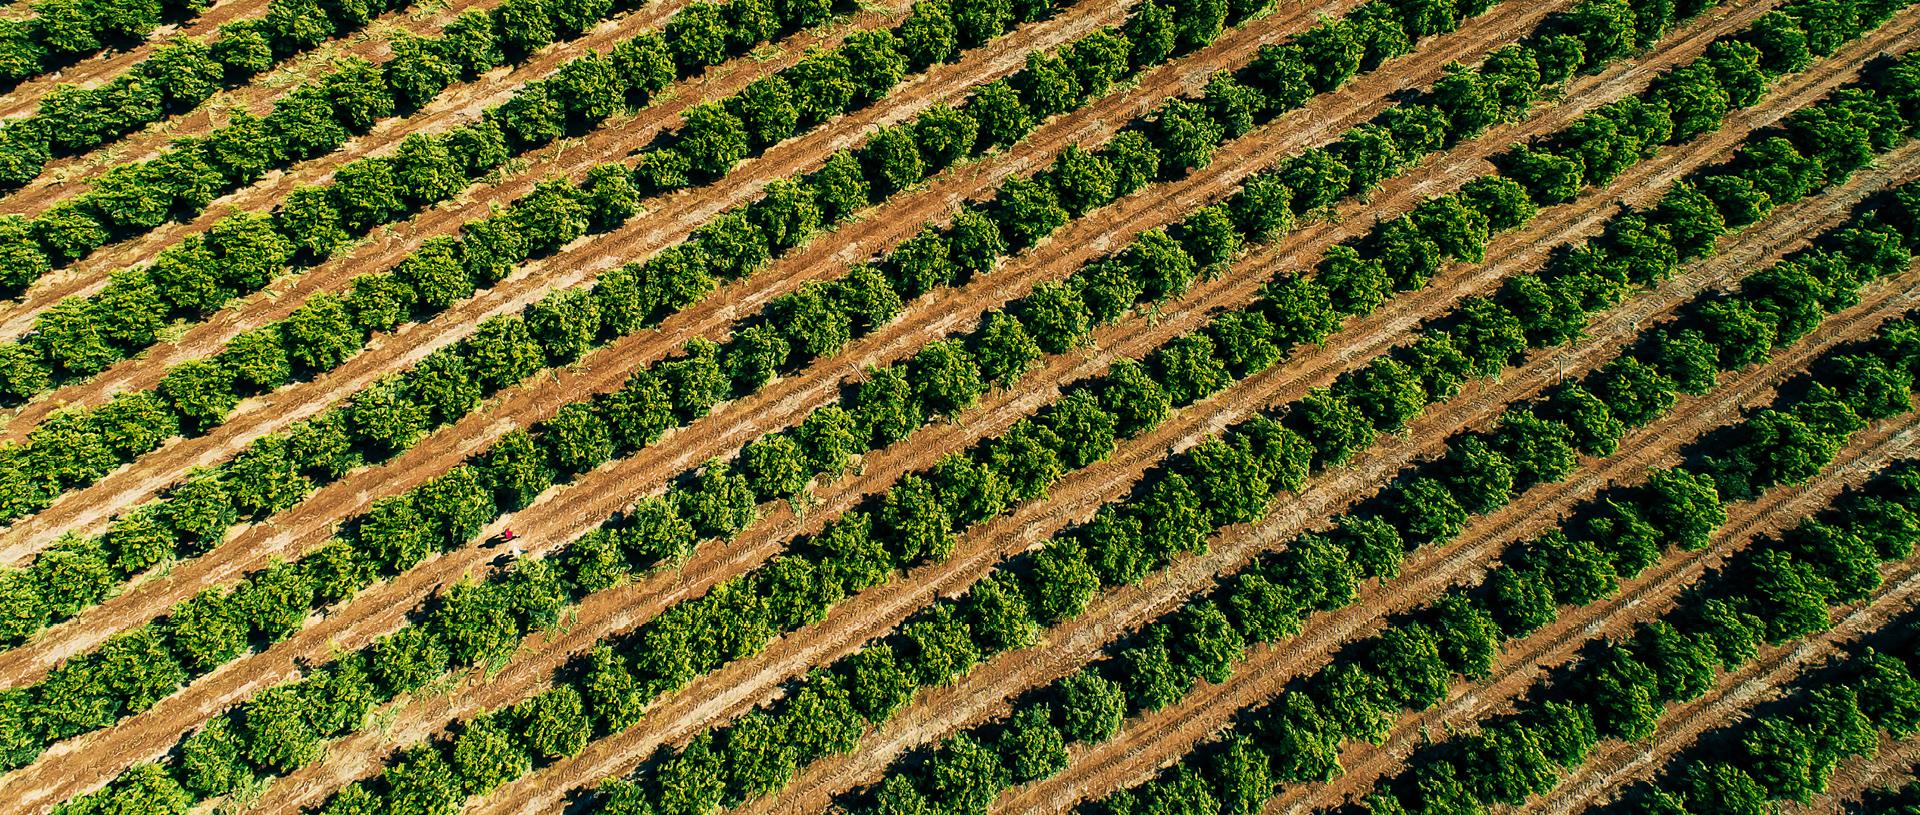 rows of orange trees